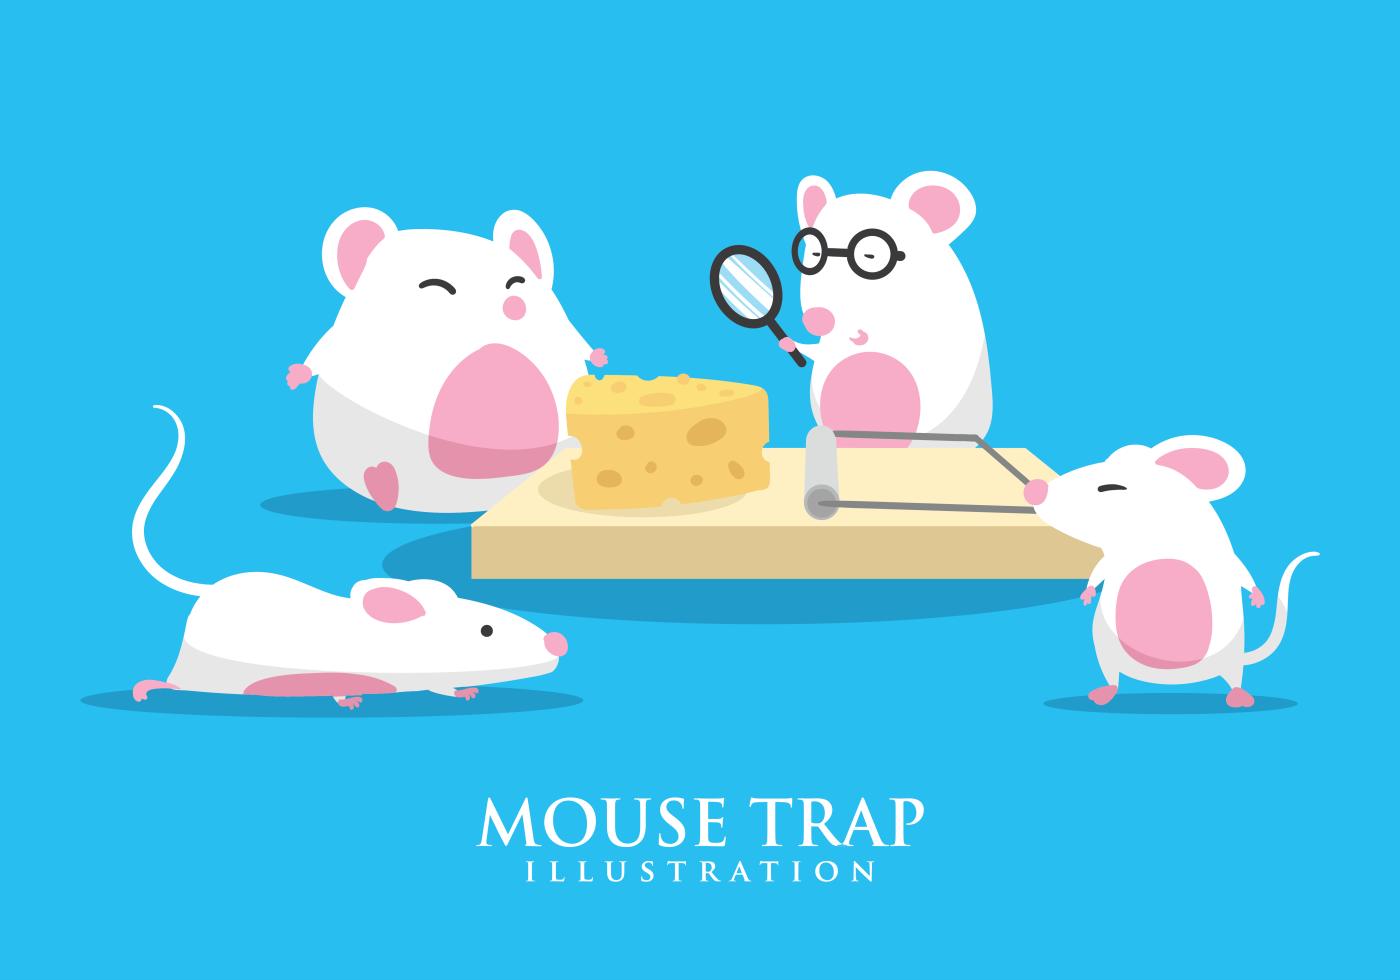 mousetrap clip art - photo #17